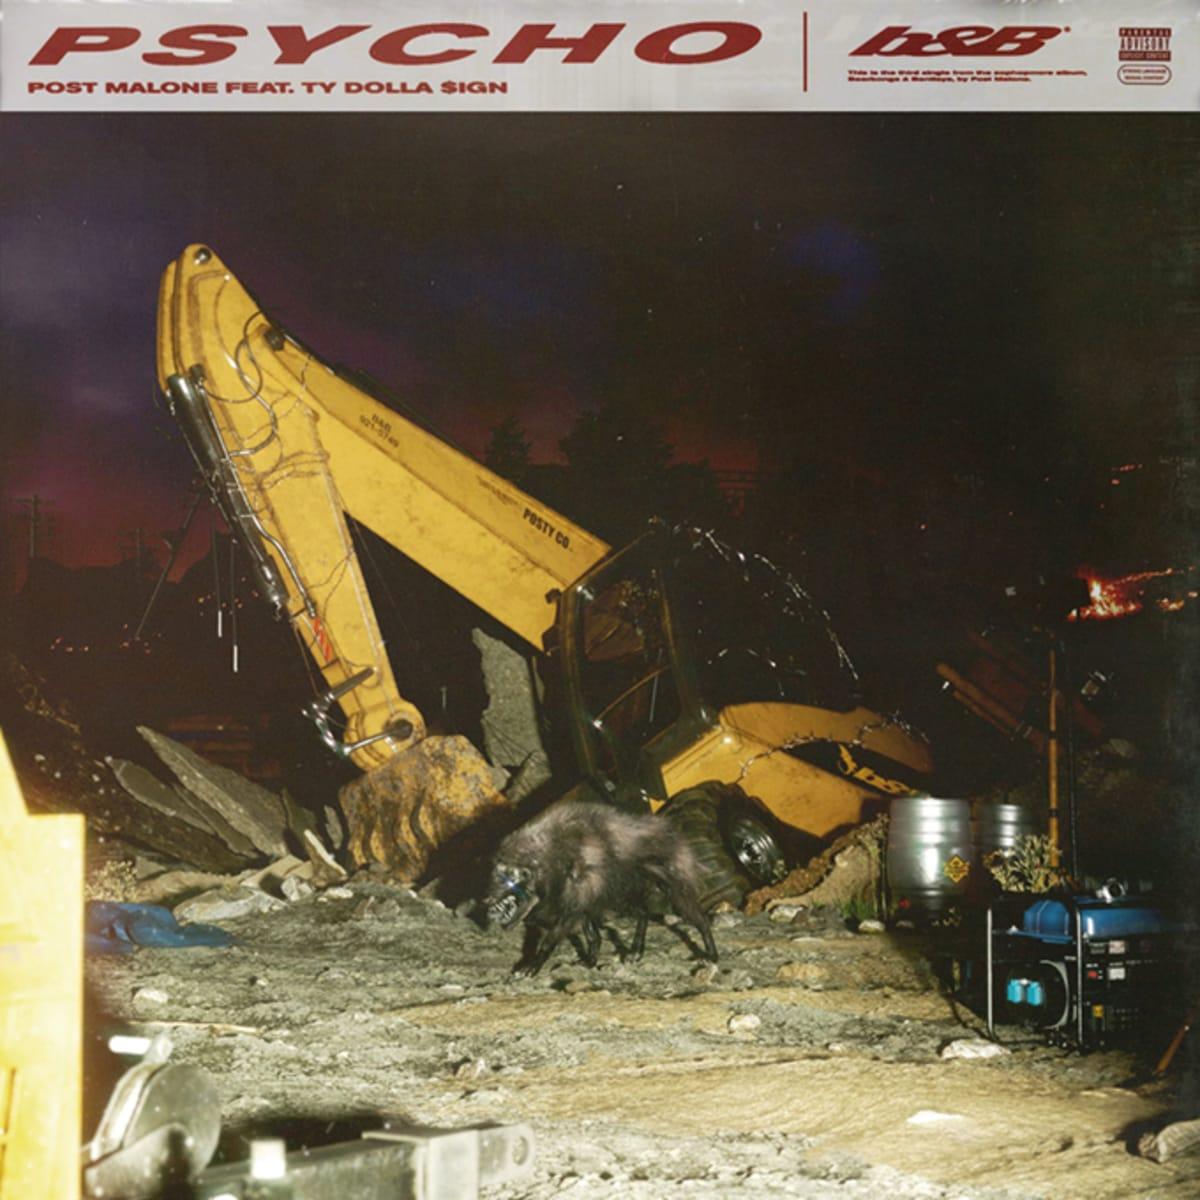 """Post Malone Album Cover: Post Malone Drops New Single """"Psycho"""" F/ Ty Dolla Sign"""